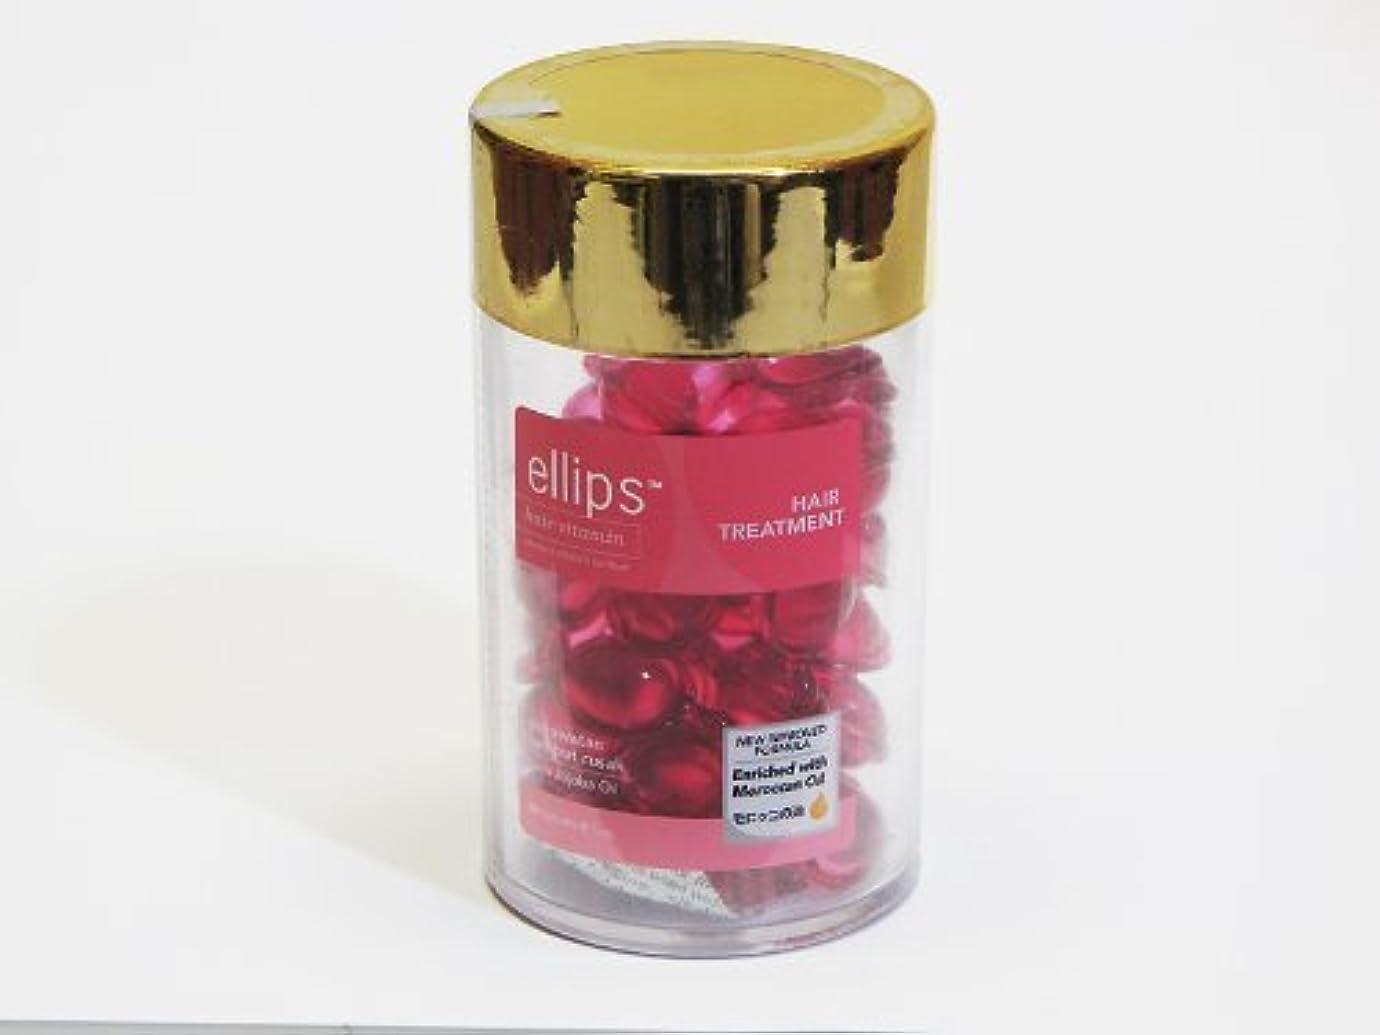 を除く枝挑むellips (エリプス) ヘアービタミン トリートメント 50粒入り ピンク (並行輸入)